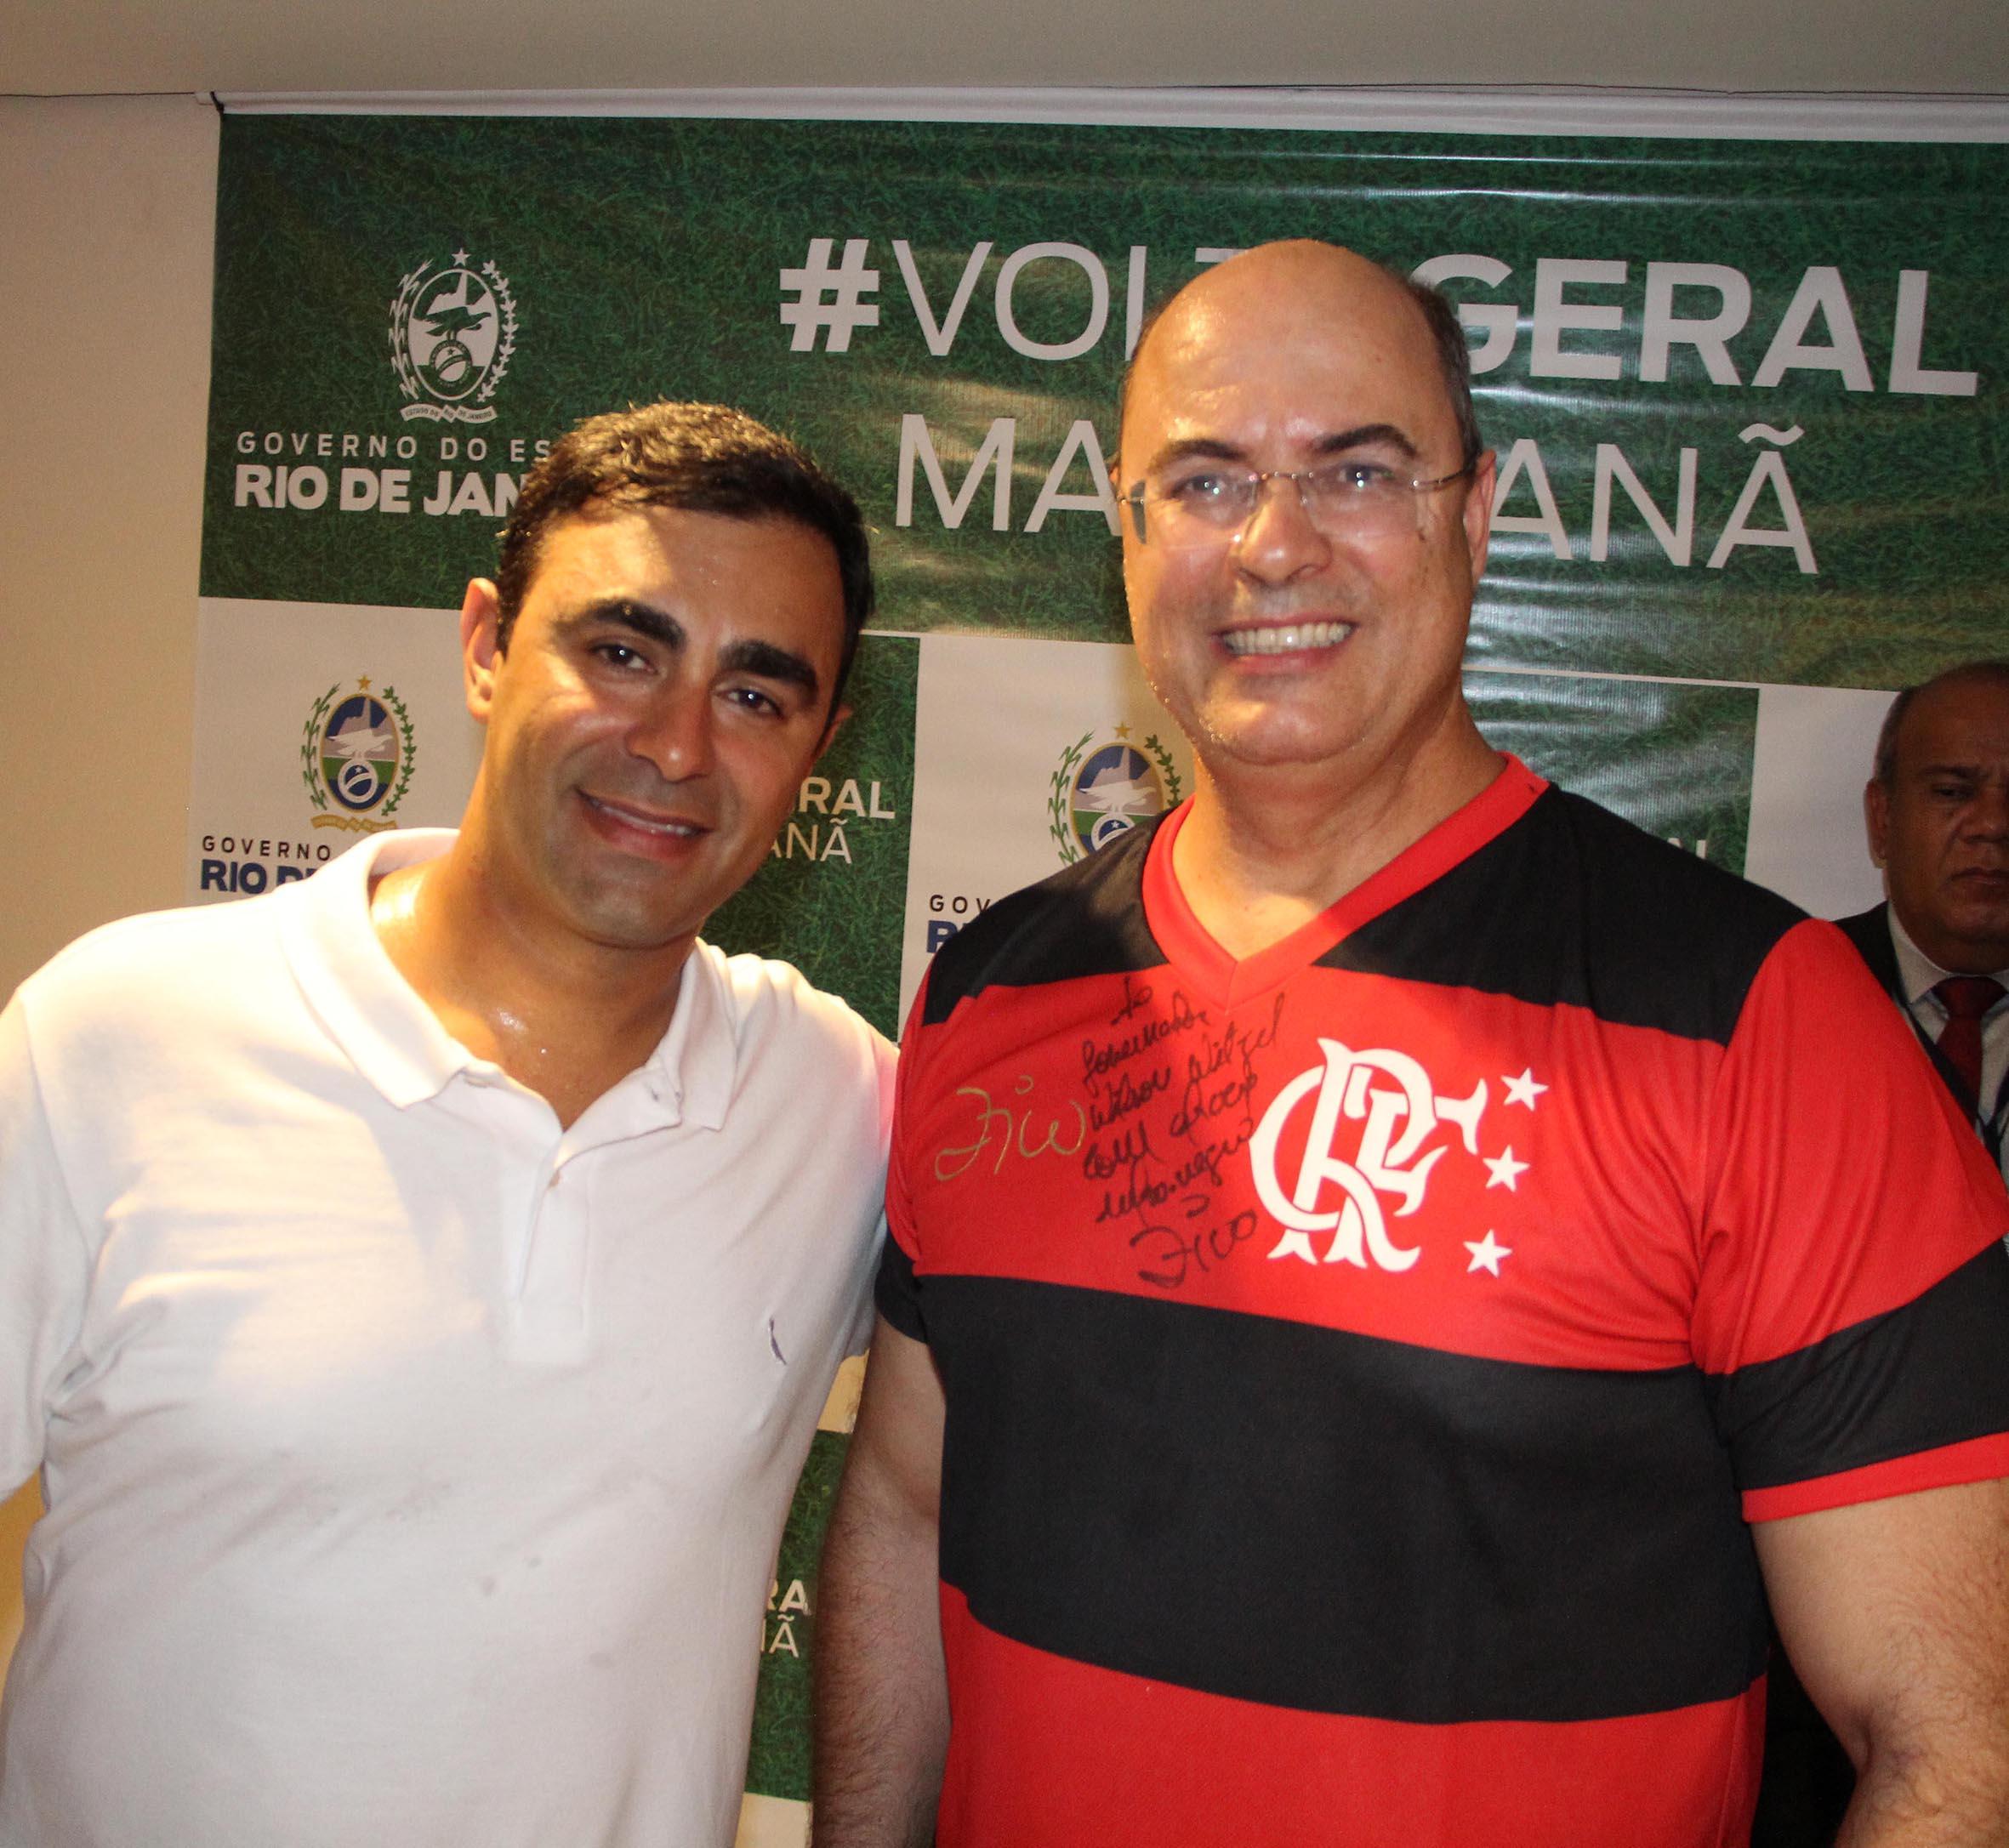 Felipe Bornier, secretário de esportes, e Wilson Witzel, governador do Rio /Foto: Paulo de Deus